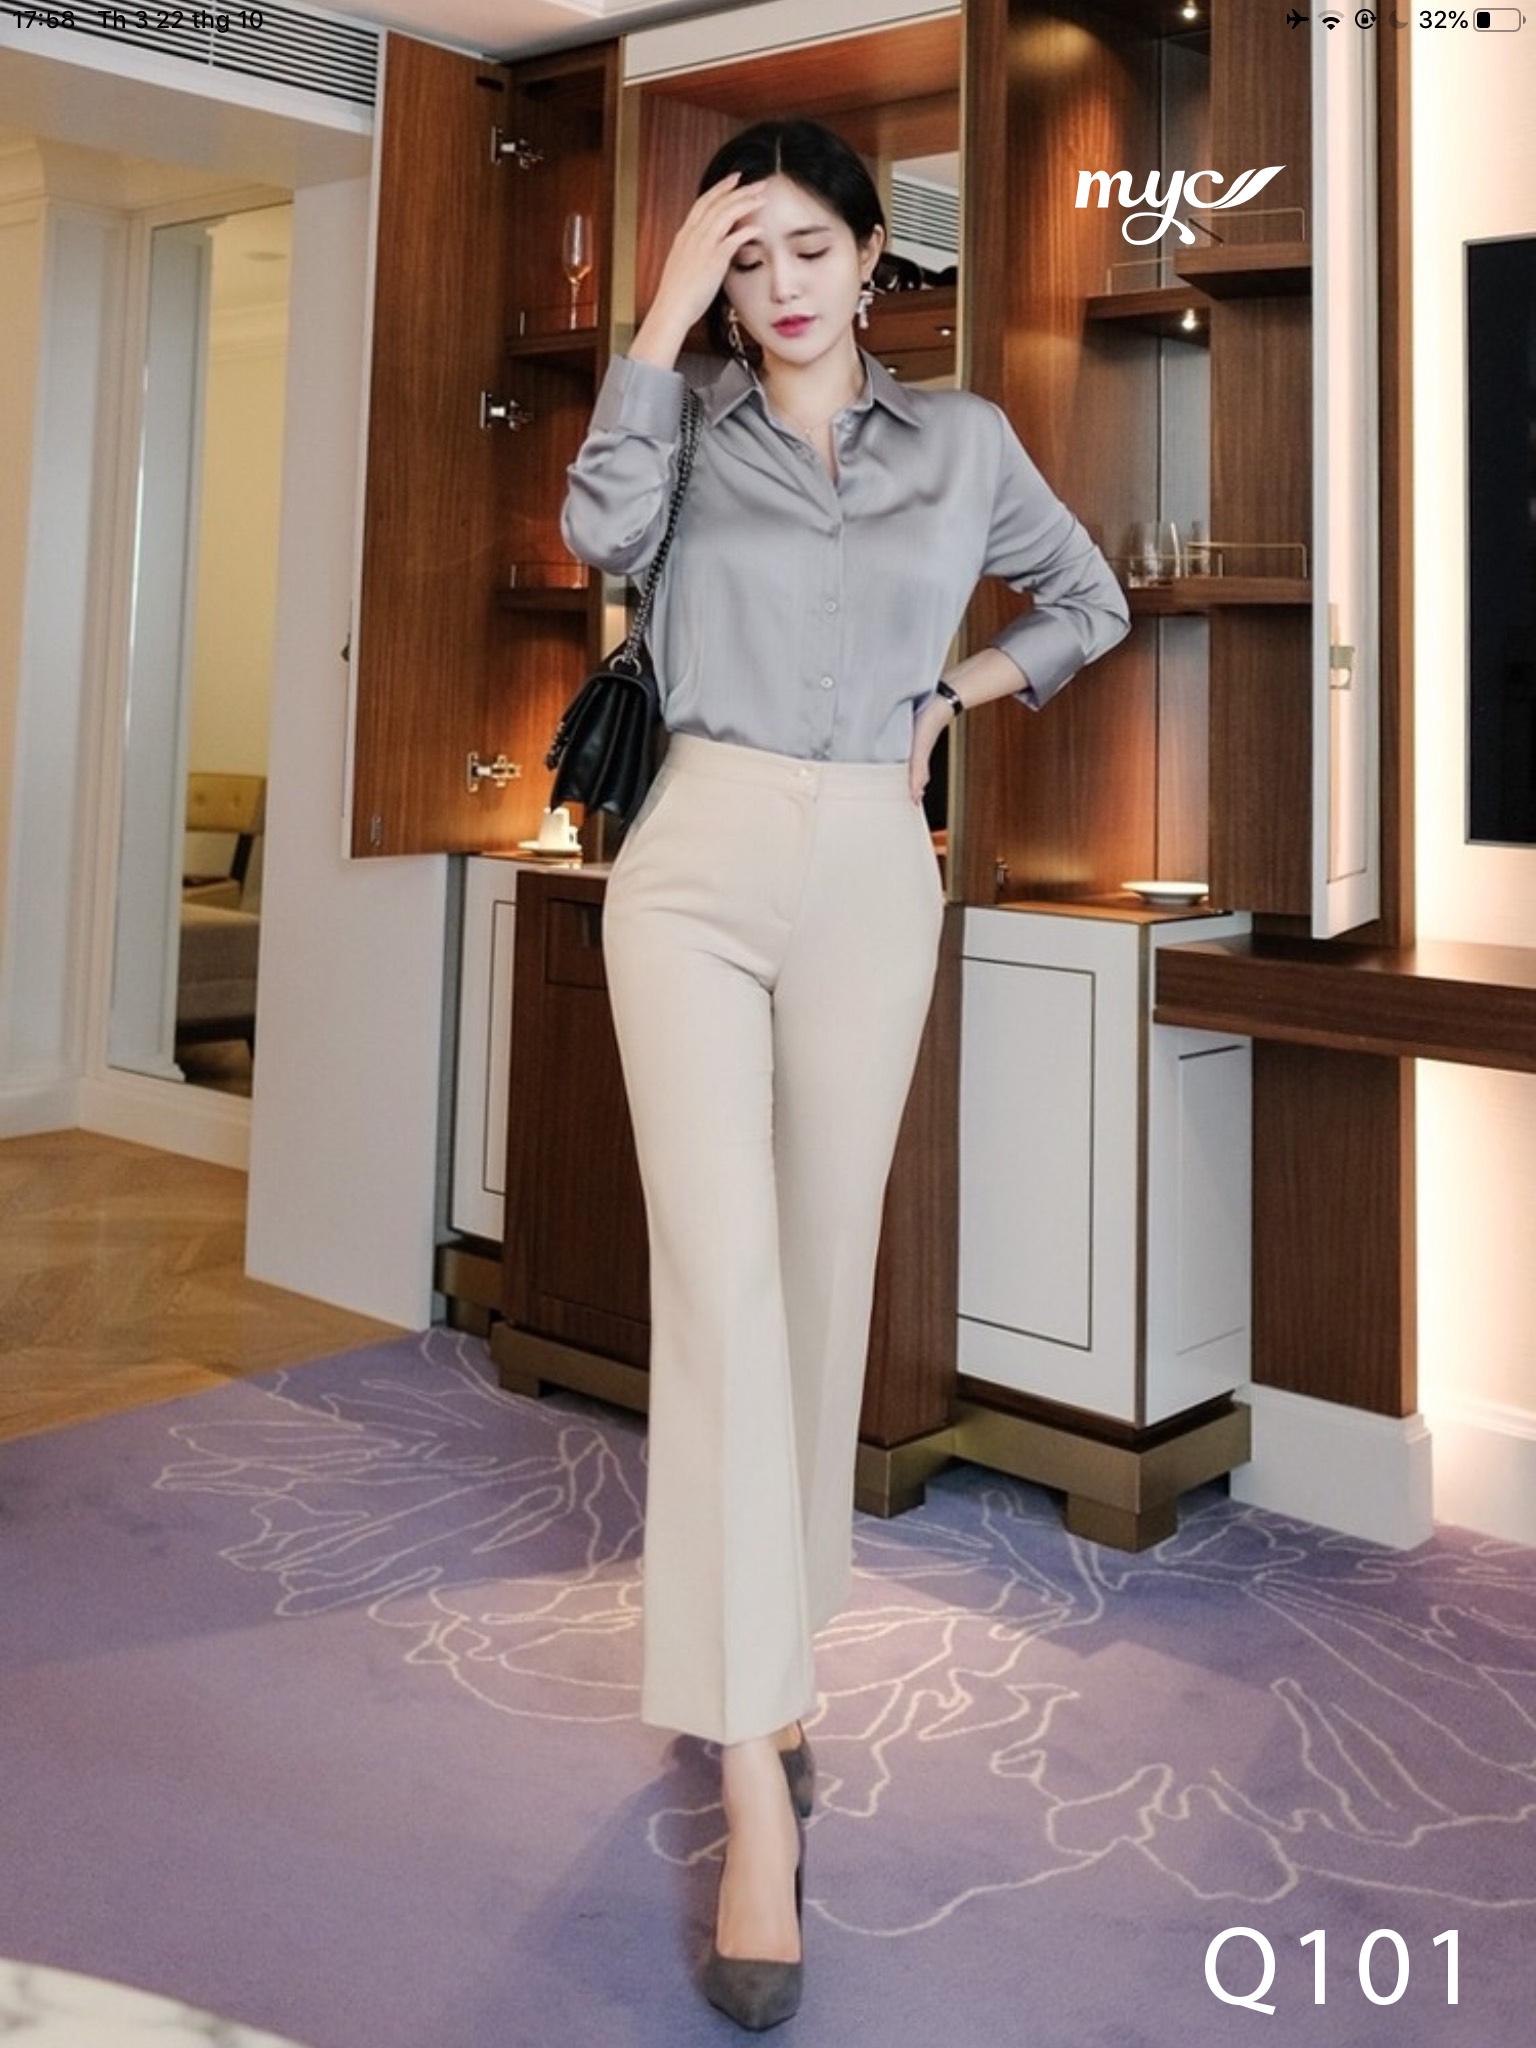 MYC Fashion: Dẫn đầu xu hướng thời trang sang trọng của cô nàng công sở - Ảnh 3